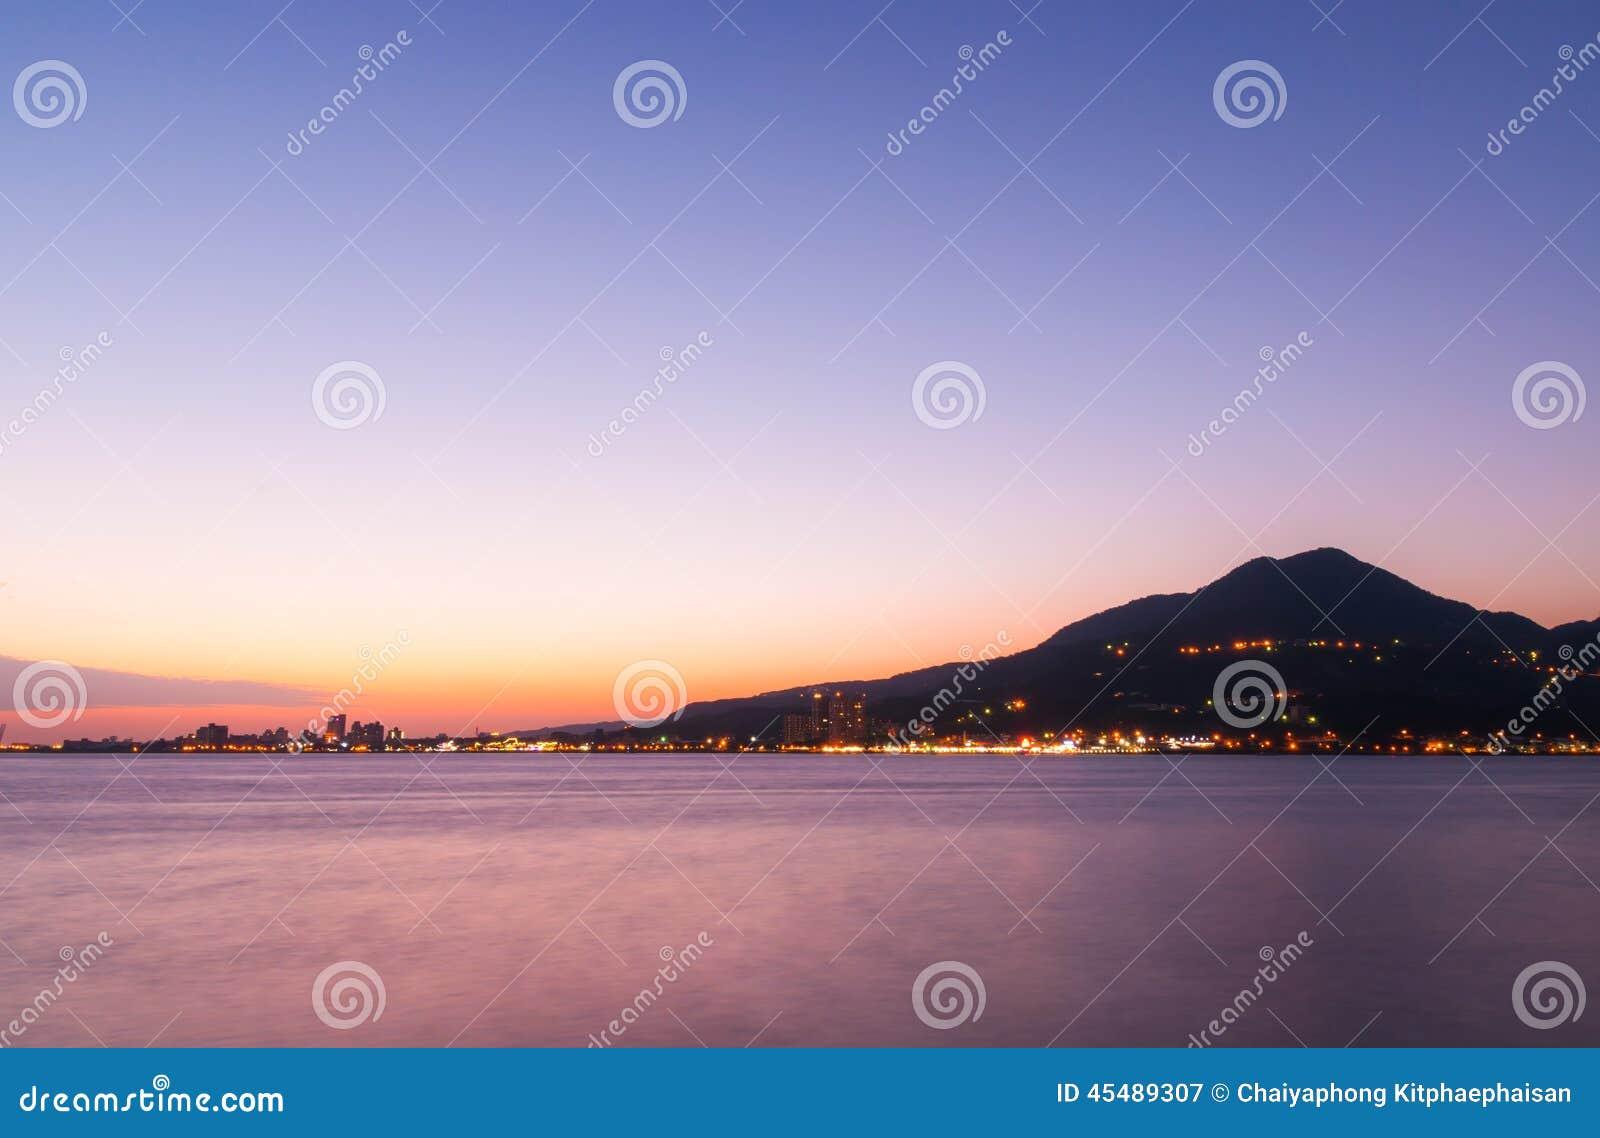 黄昏的港口城市